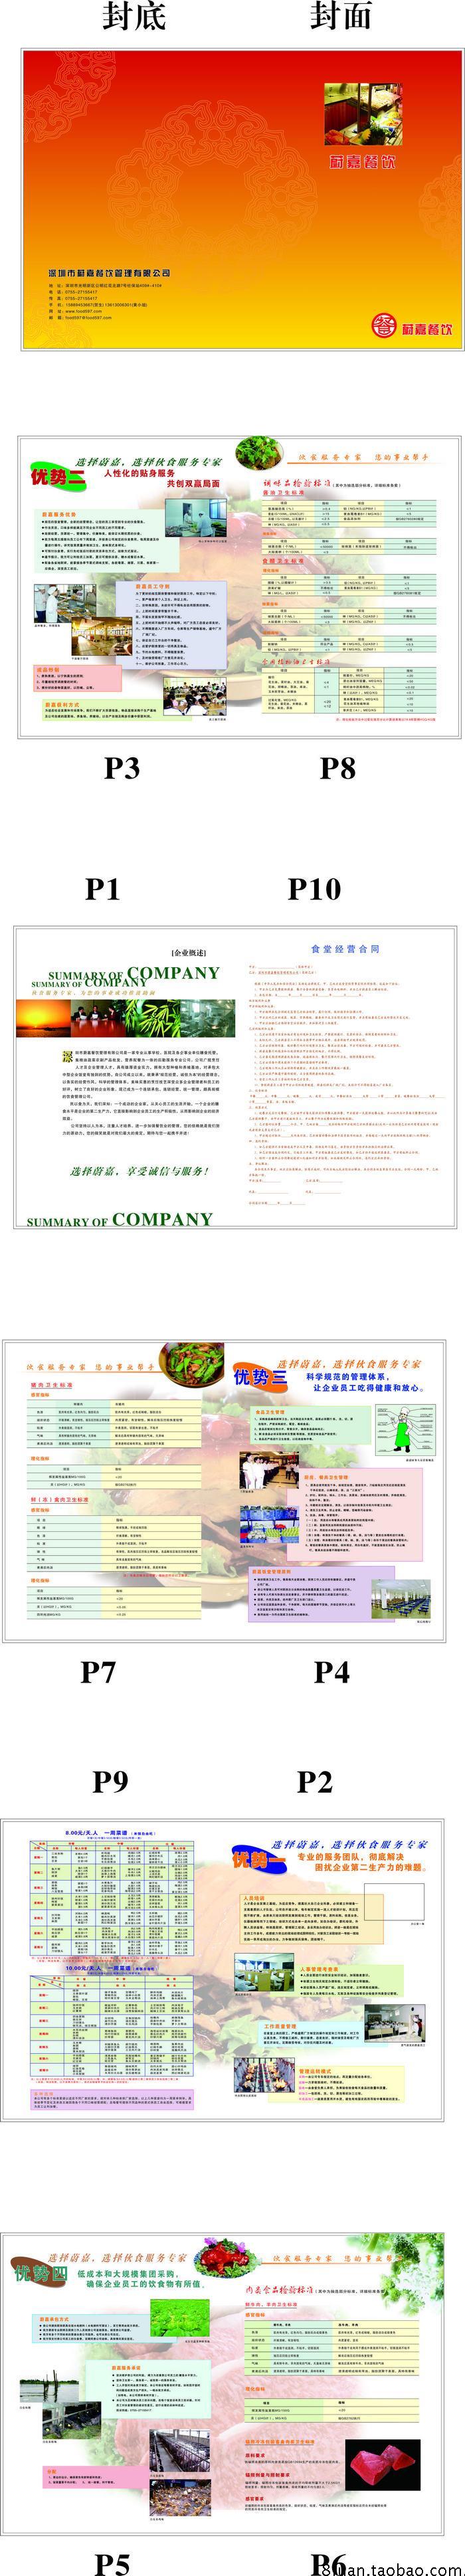 餐饮管理公司食堂协议每日工间餐饮食说明CDR宣传册素材模板